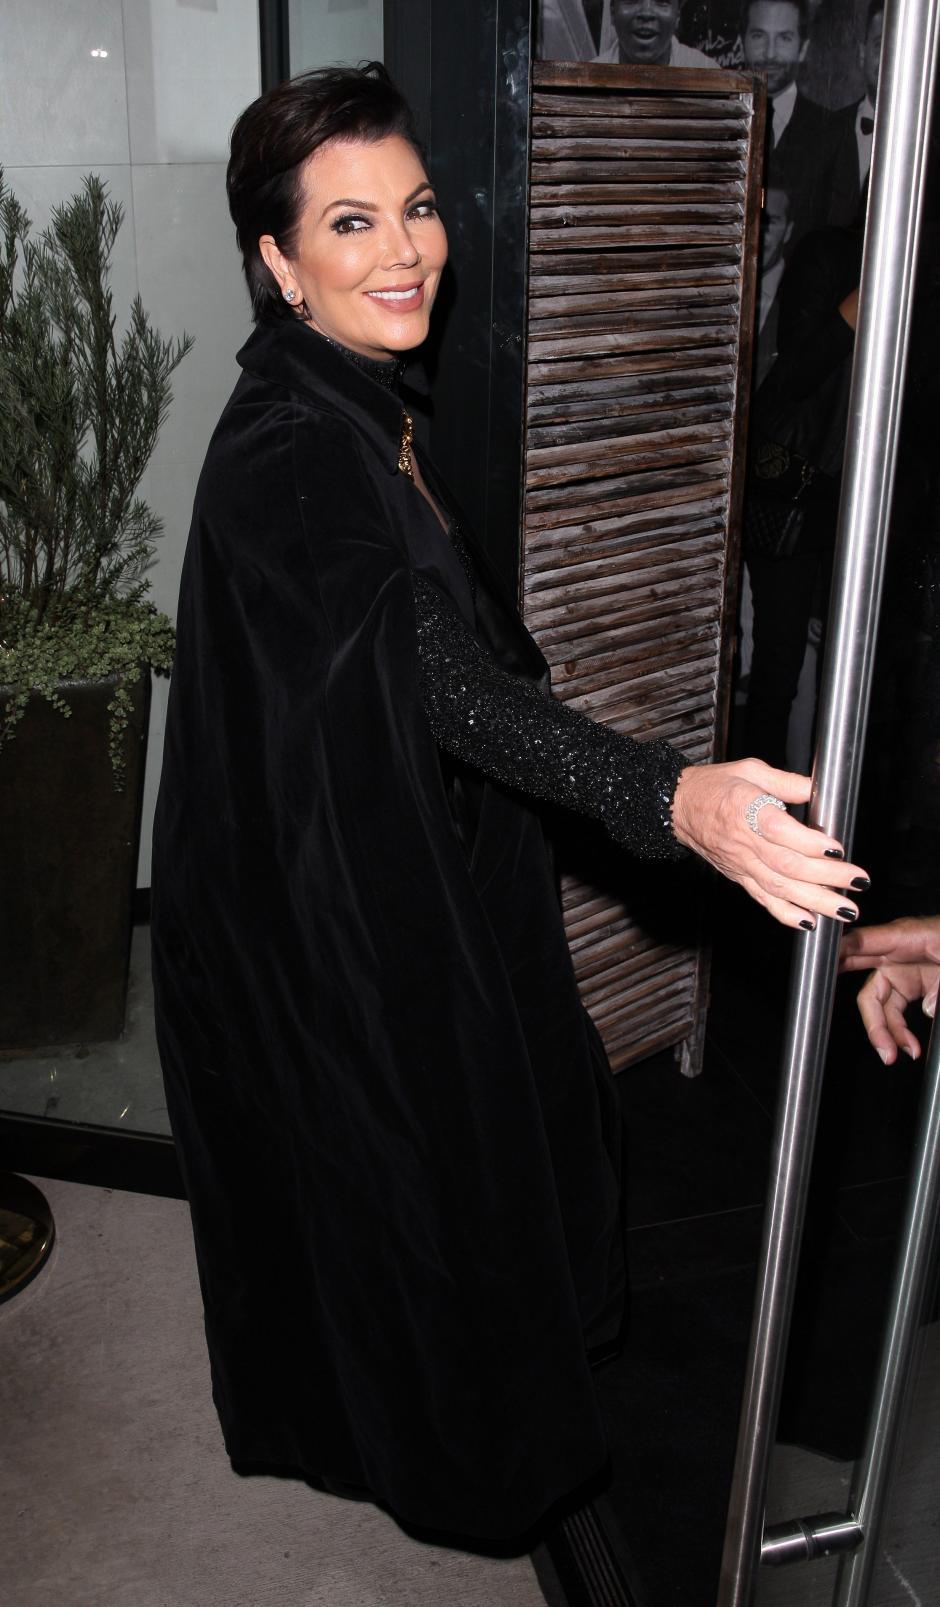 La madre del clan Kardashina Jenner llegó a la celebración de su hija. (Foto: people)